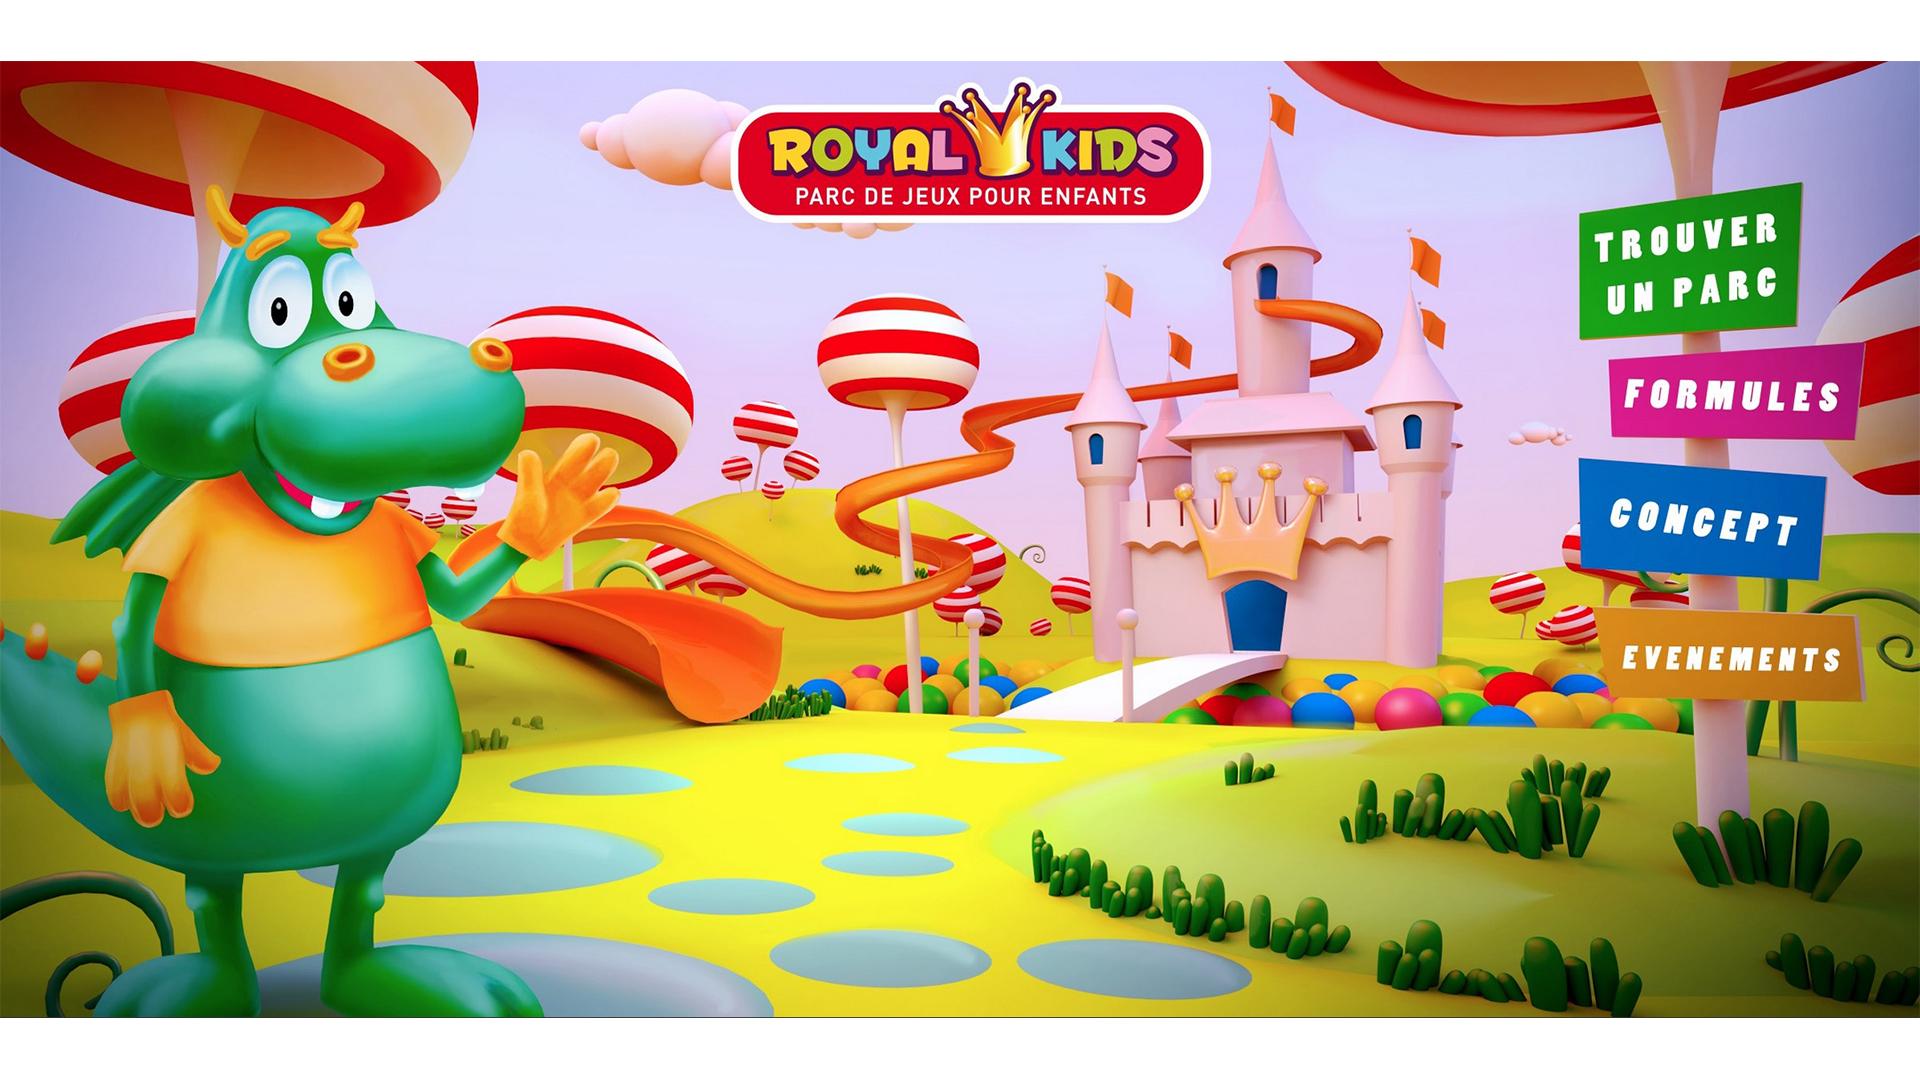 3D Création Royal Kids Parc De Jeux Pour Enfants - Shoot The dedans Jeux Pour Enfan